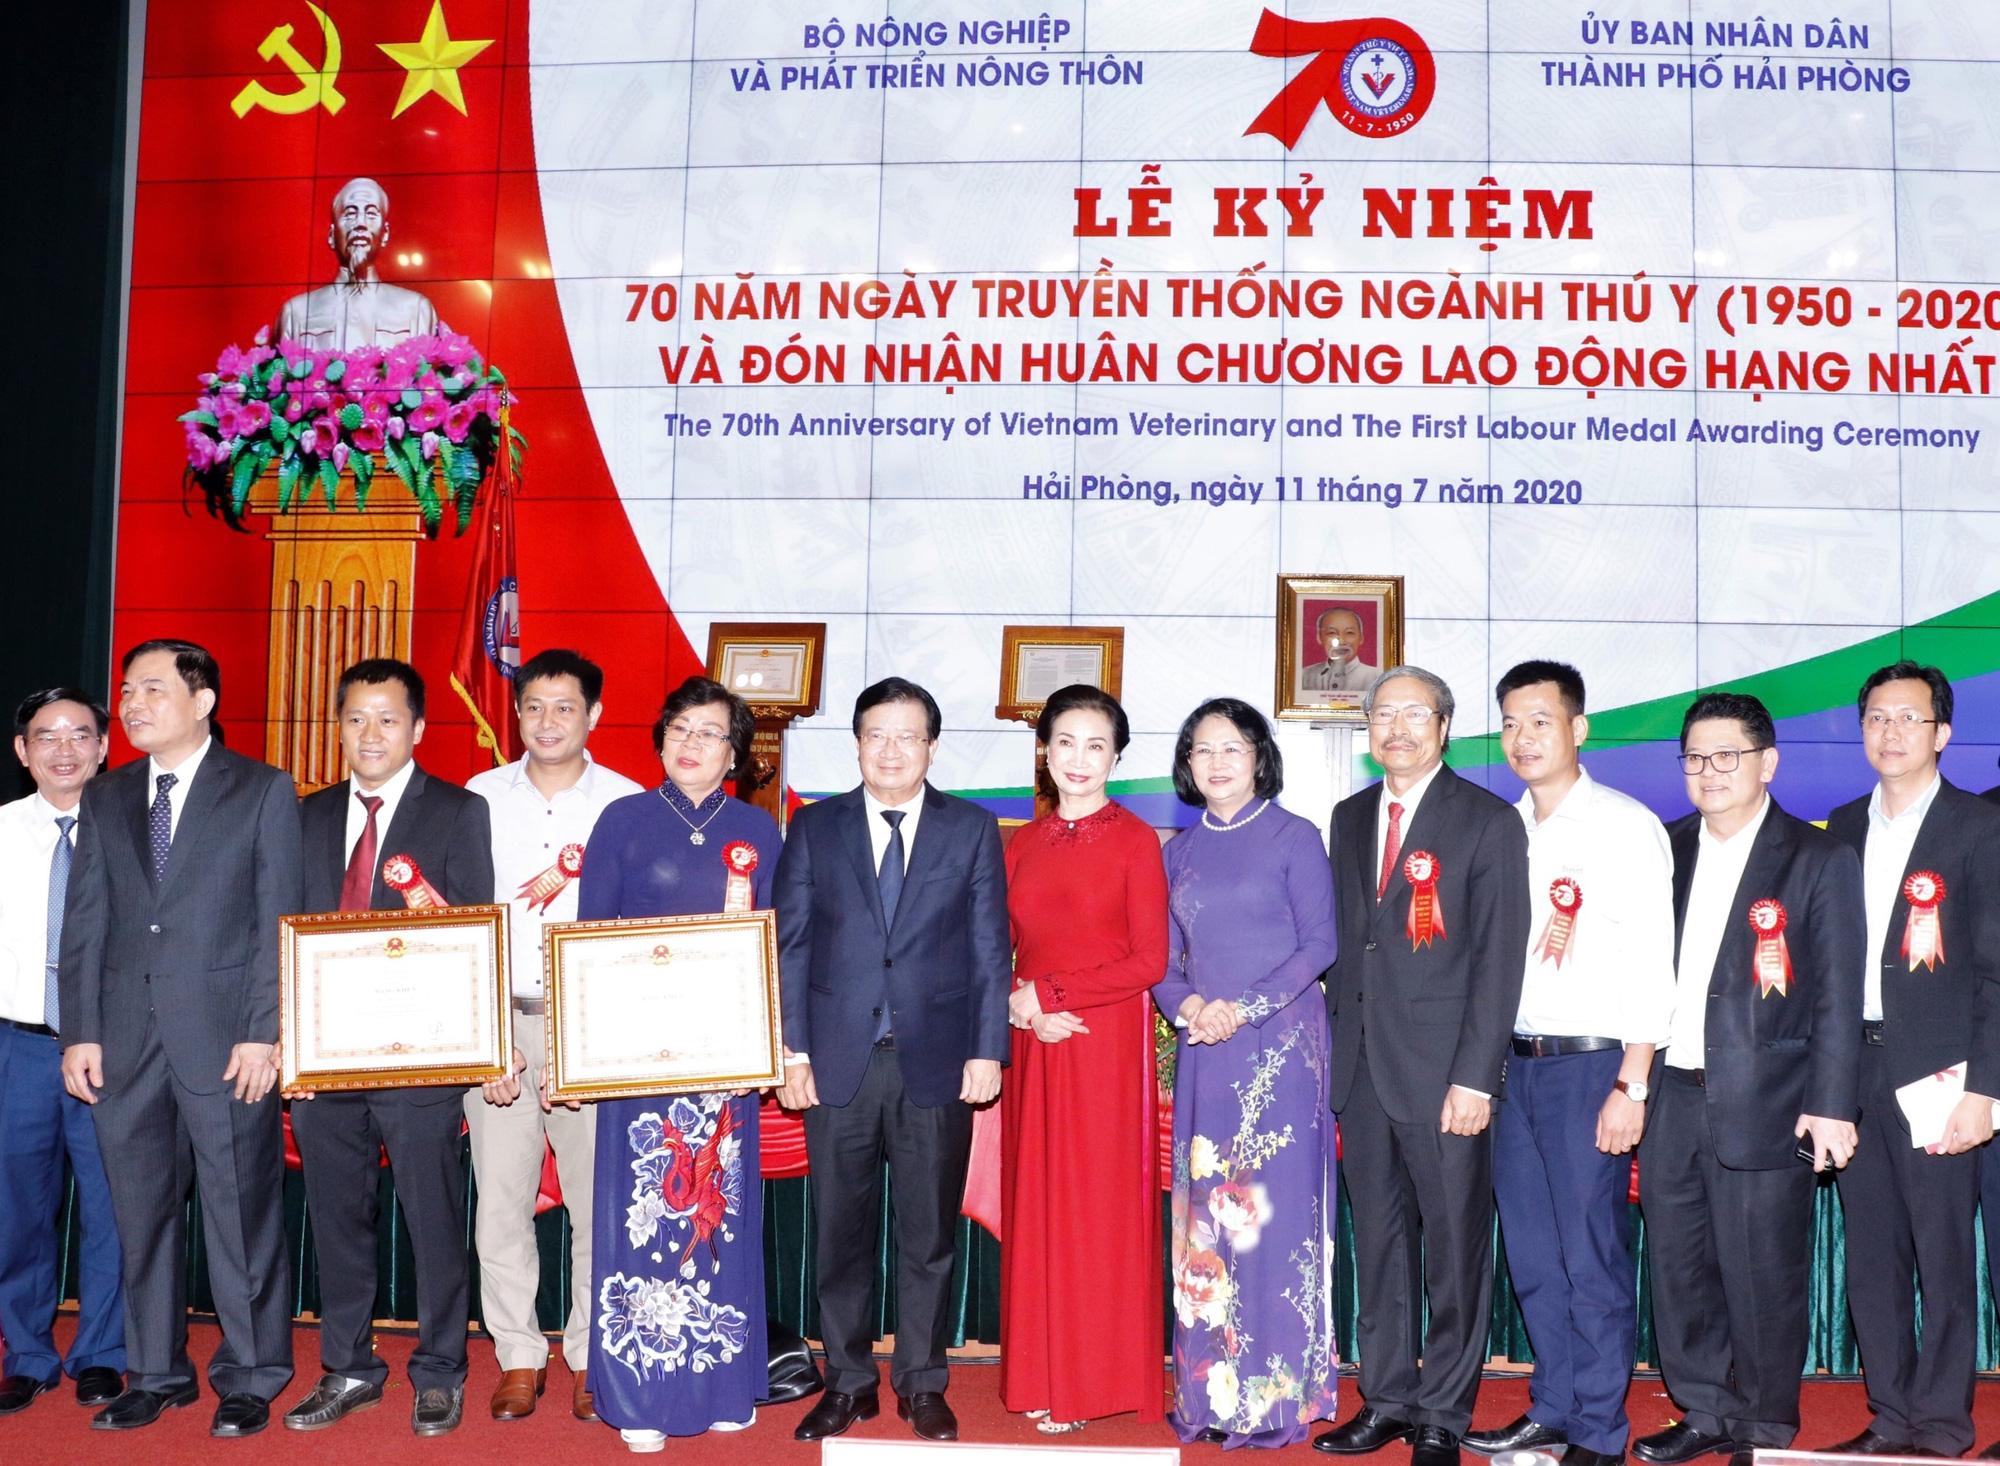 C.P. Việt Nam cam kết gắn bó vì nông nghiệp bền vững và phát triển tại Việt Nam - Ảnh 2.